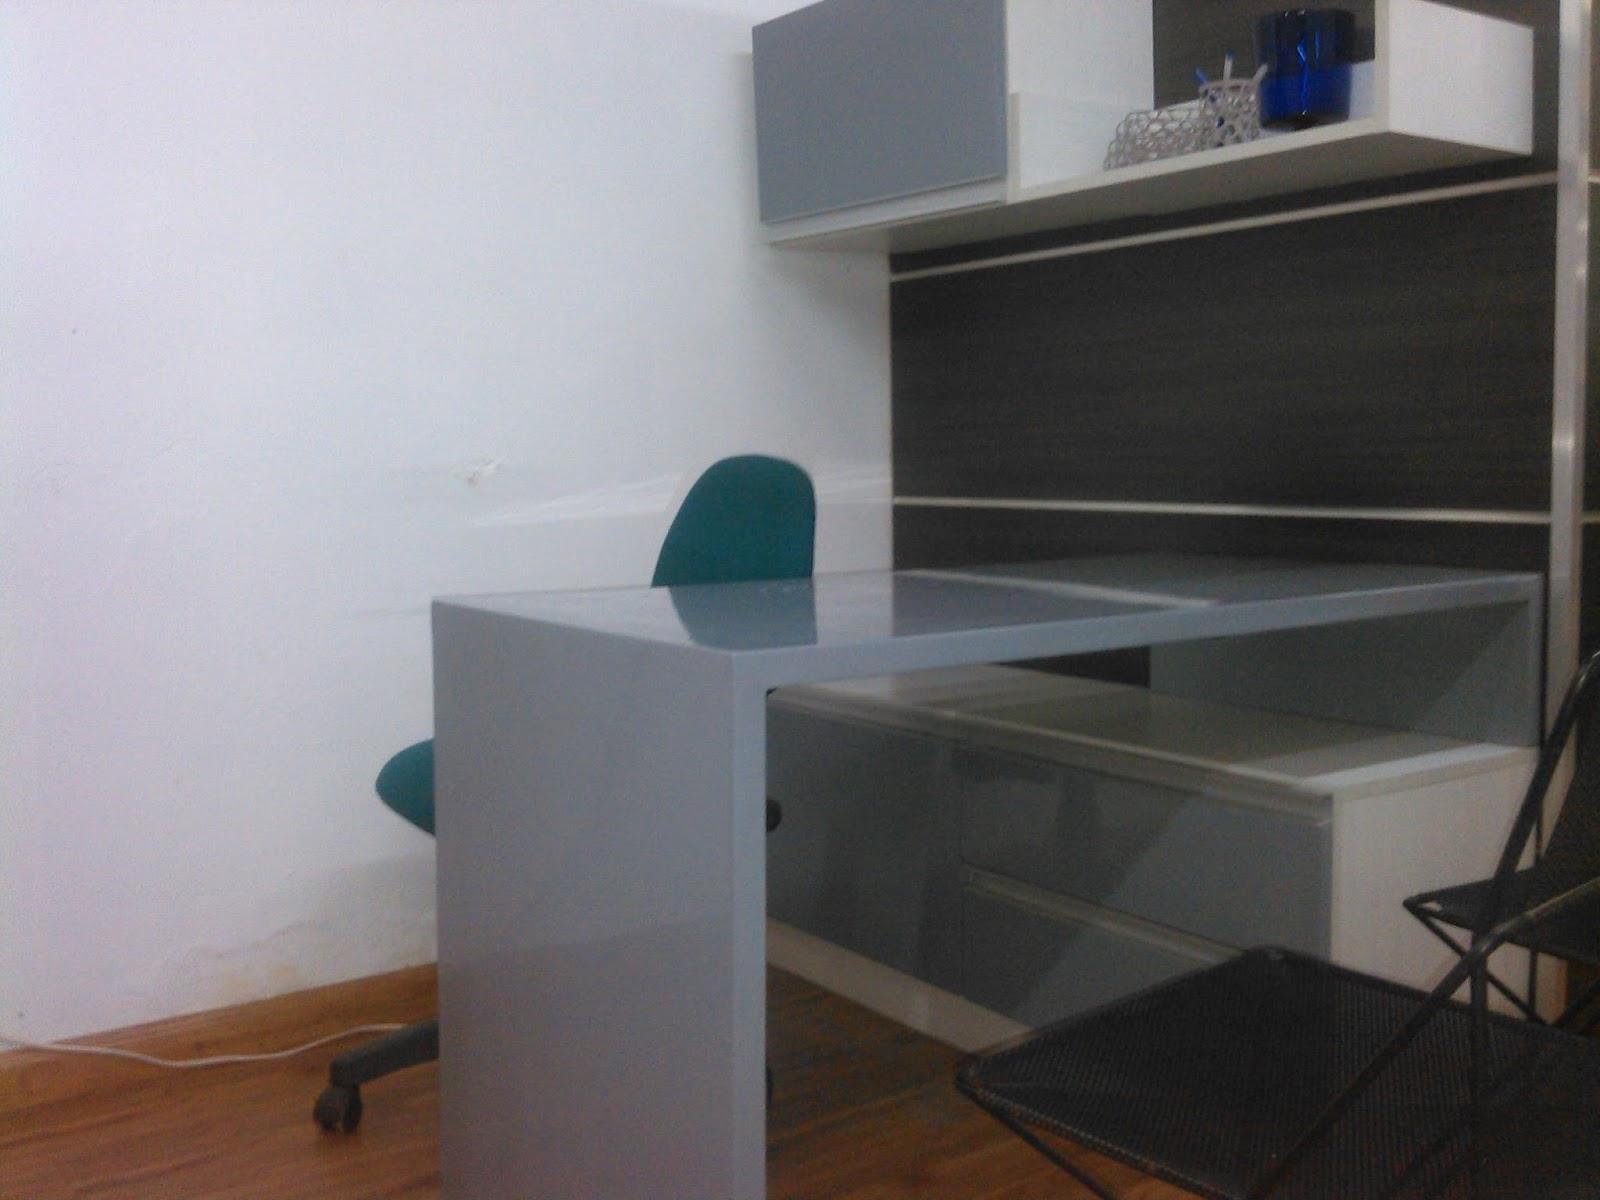 Muebles Oficina Valencia J7do Tienda De Muebles De Oficina Muebles Icina Valencia Idea Creativa